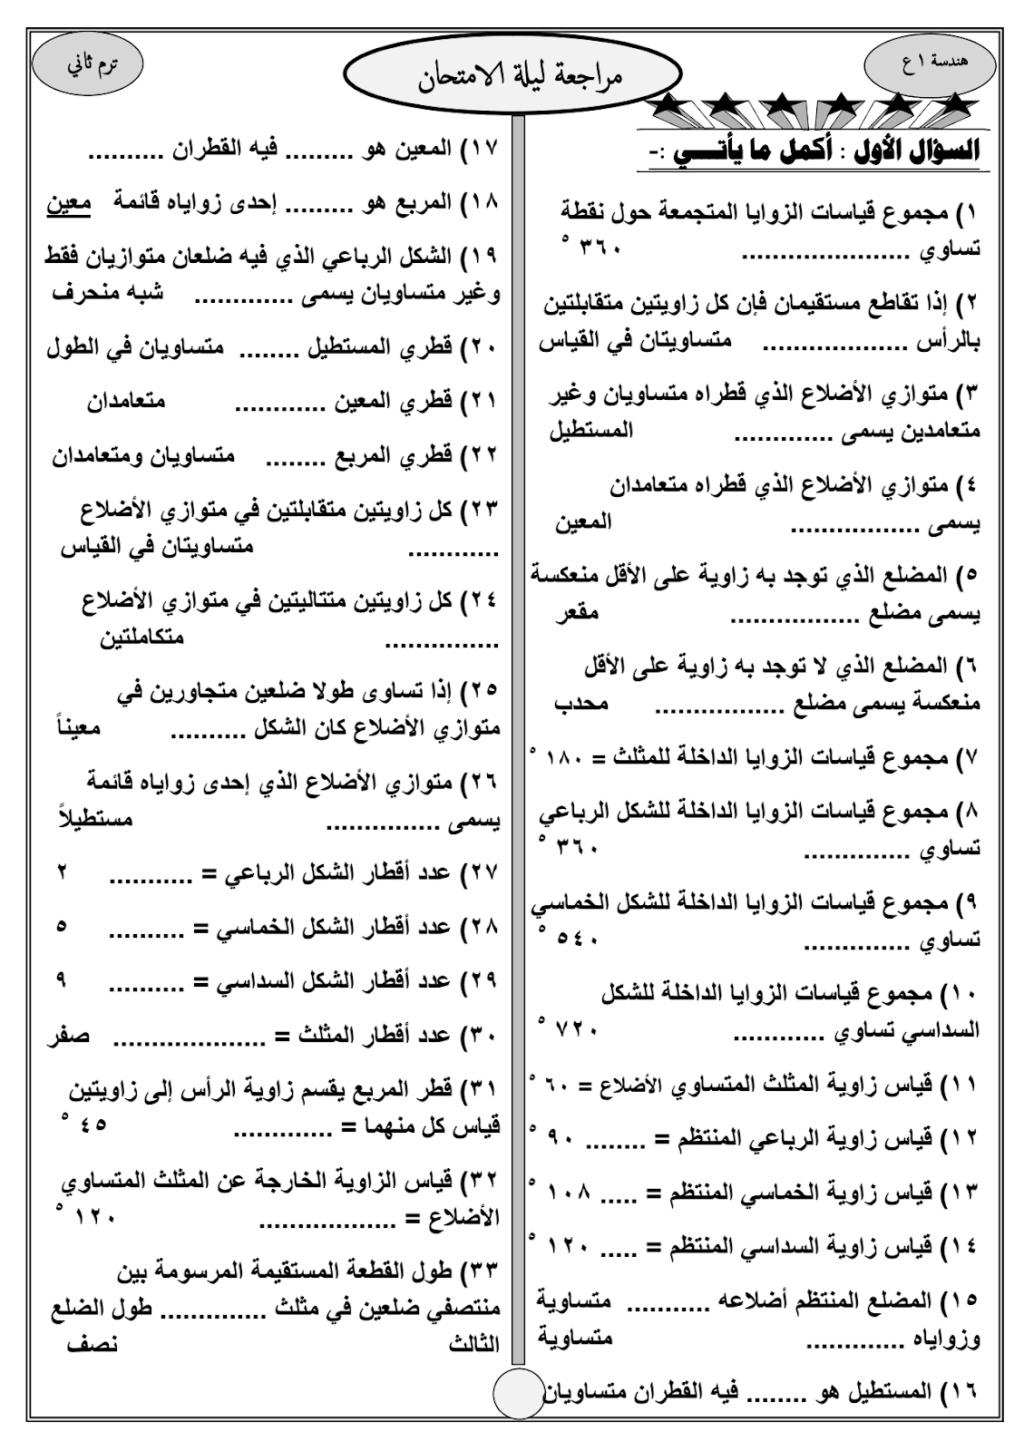 مراجعة الهندسة بالاجابات للصف الأول الاعدادى ترم ثاني أ/ رجب ربيع Aaaaaa10